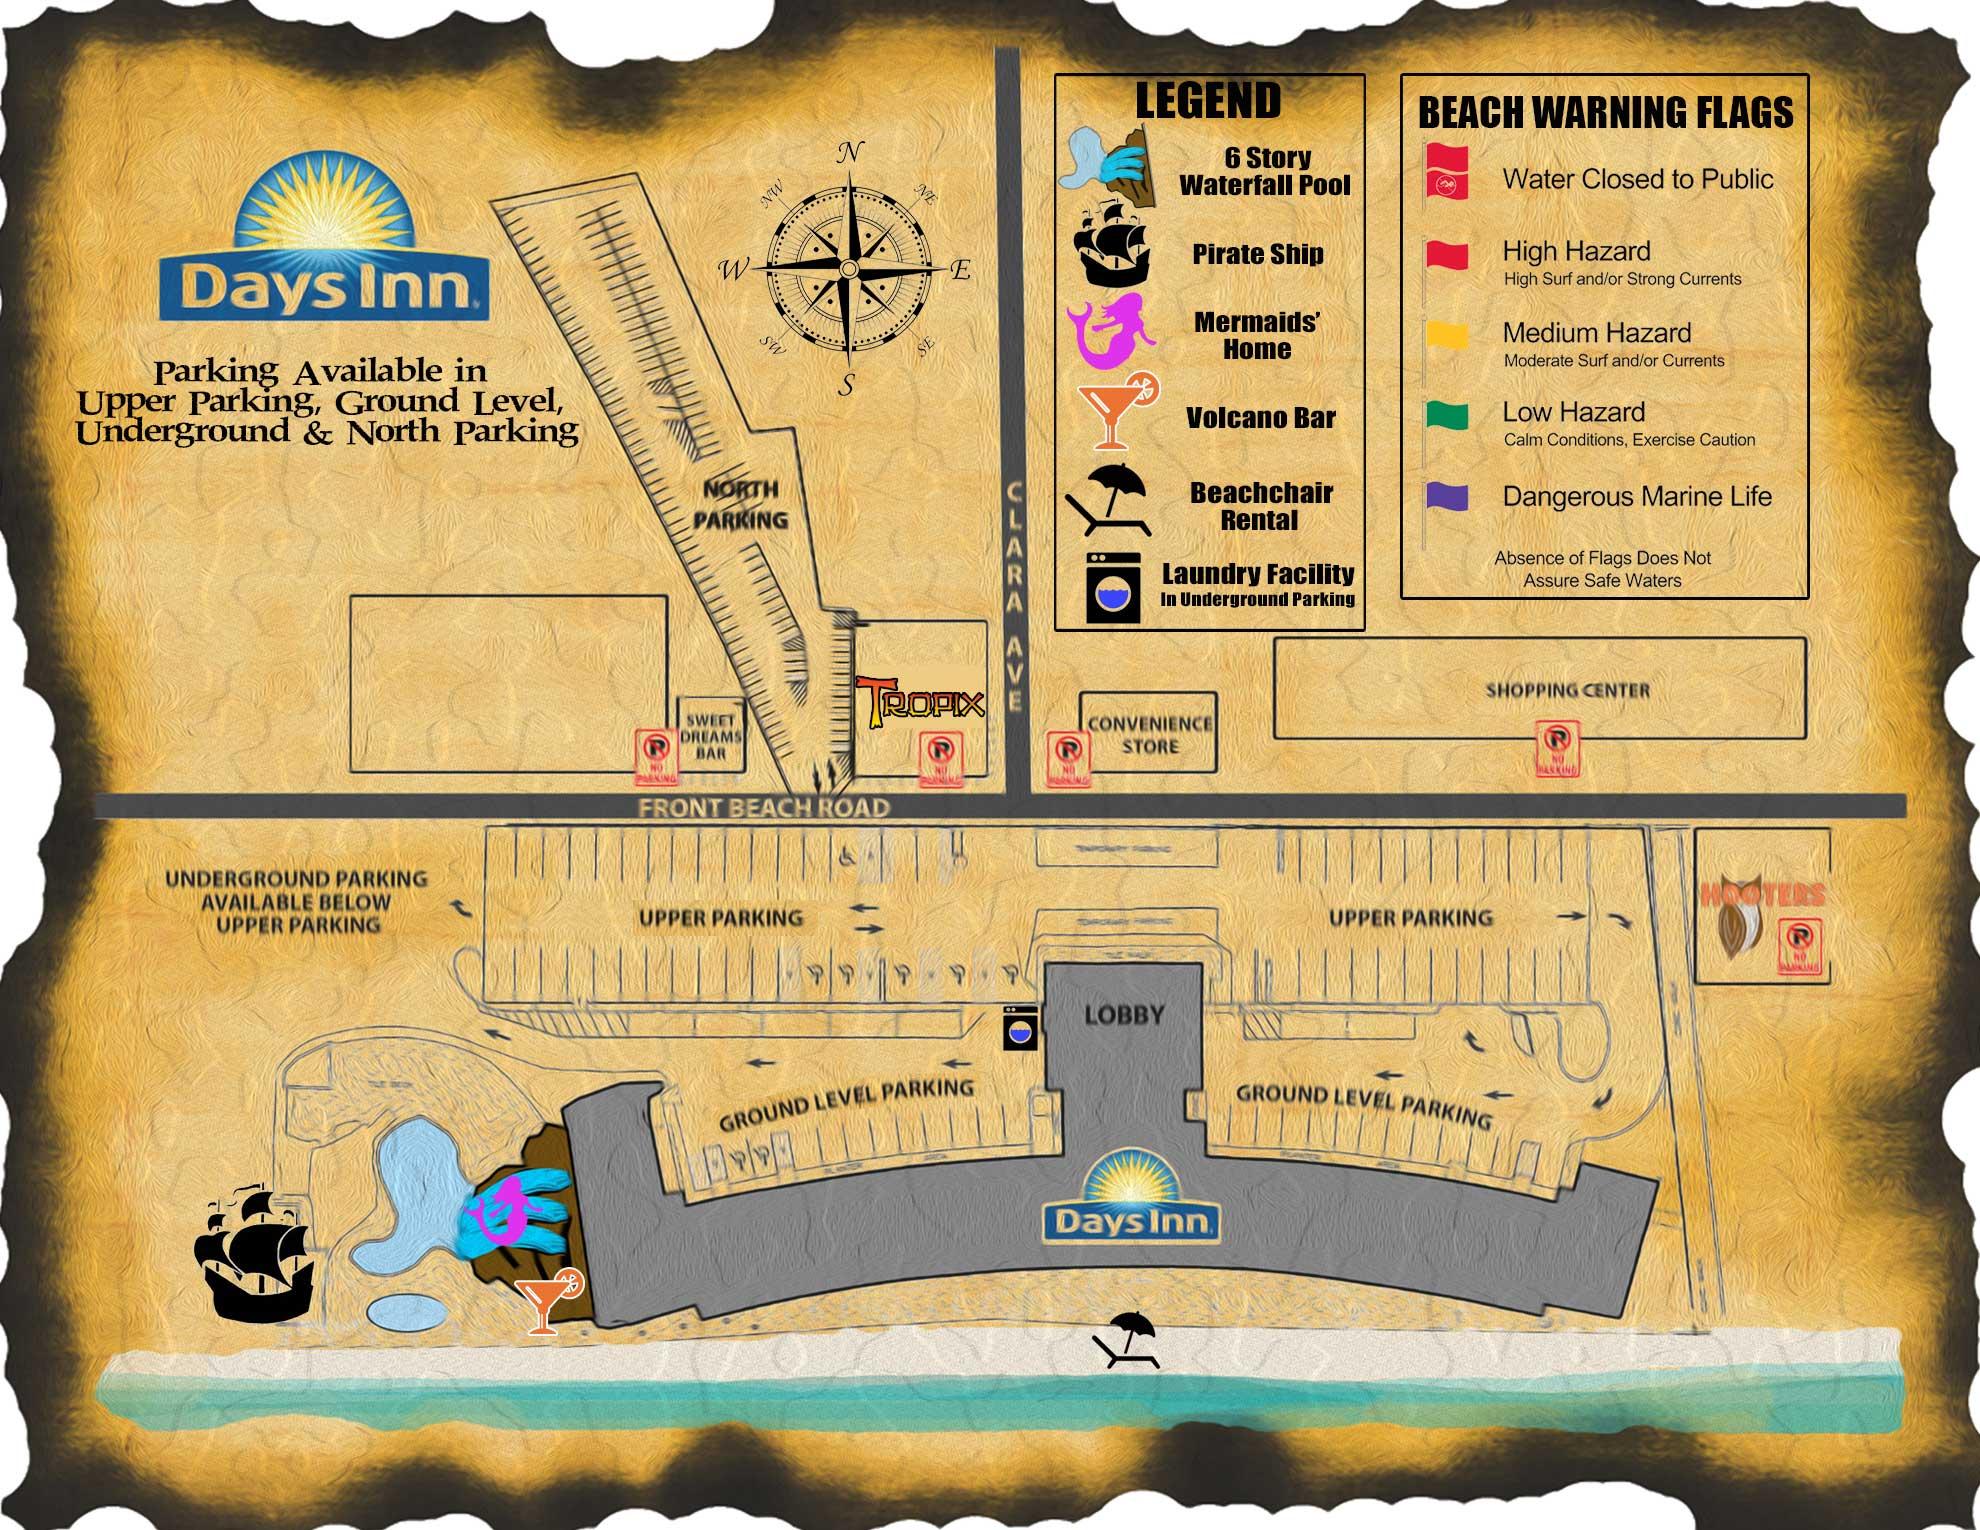 Days Inn Map | Days Inn Panama City Beach Florida Days Inn Map on